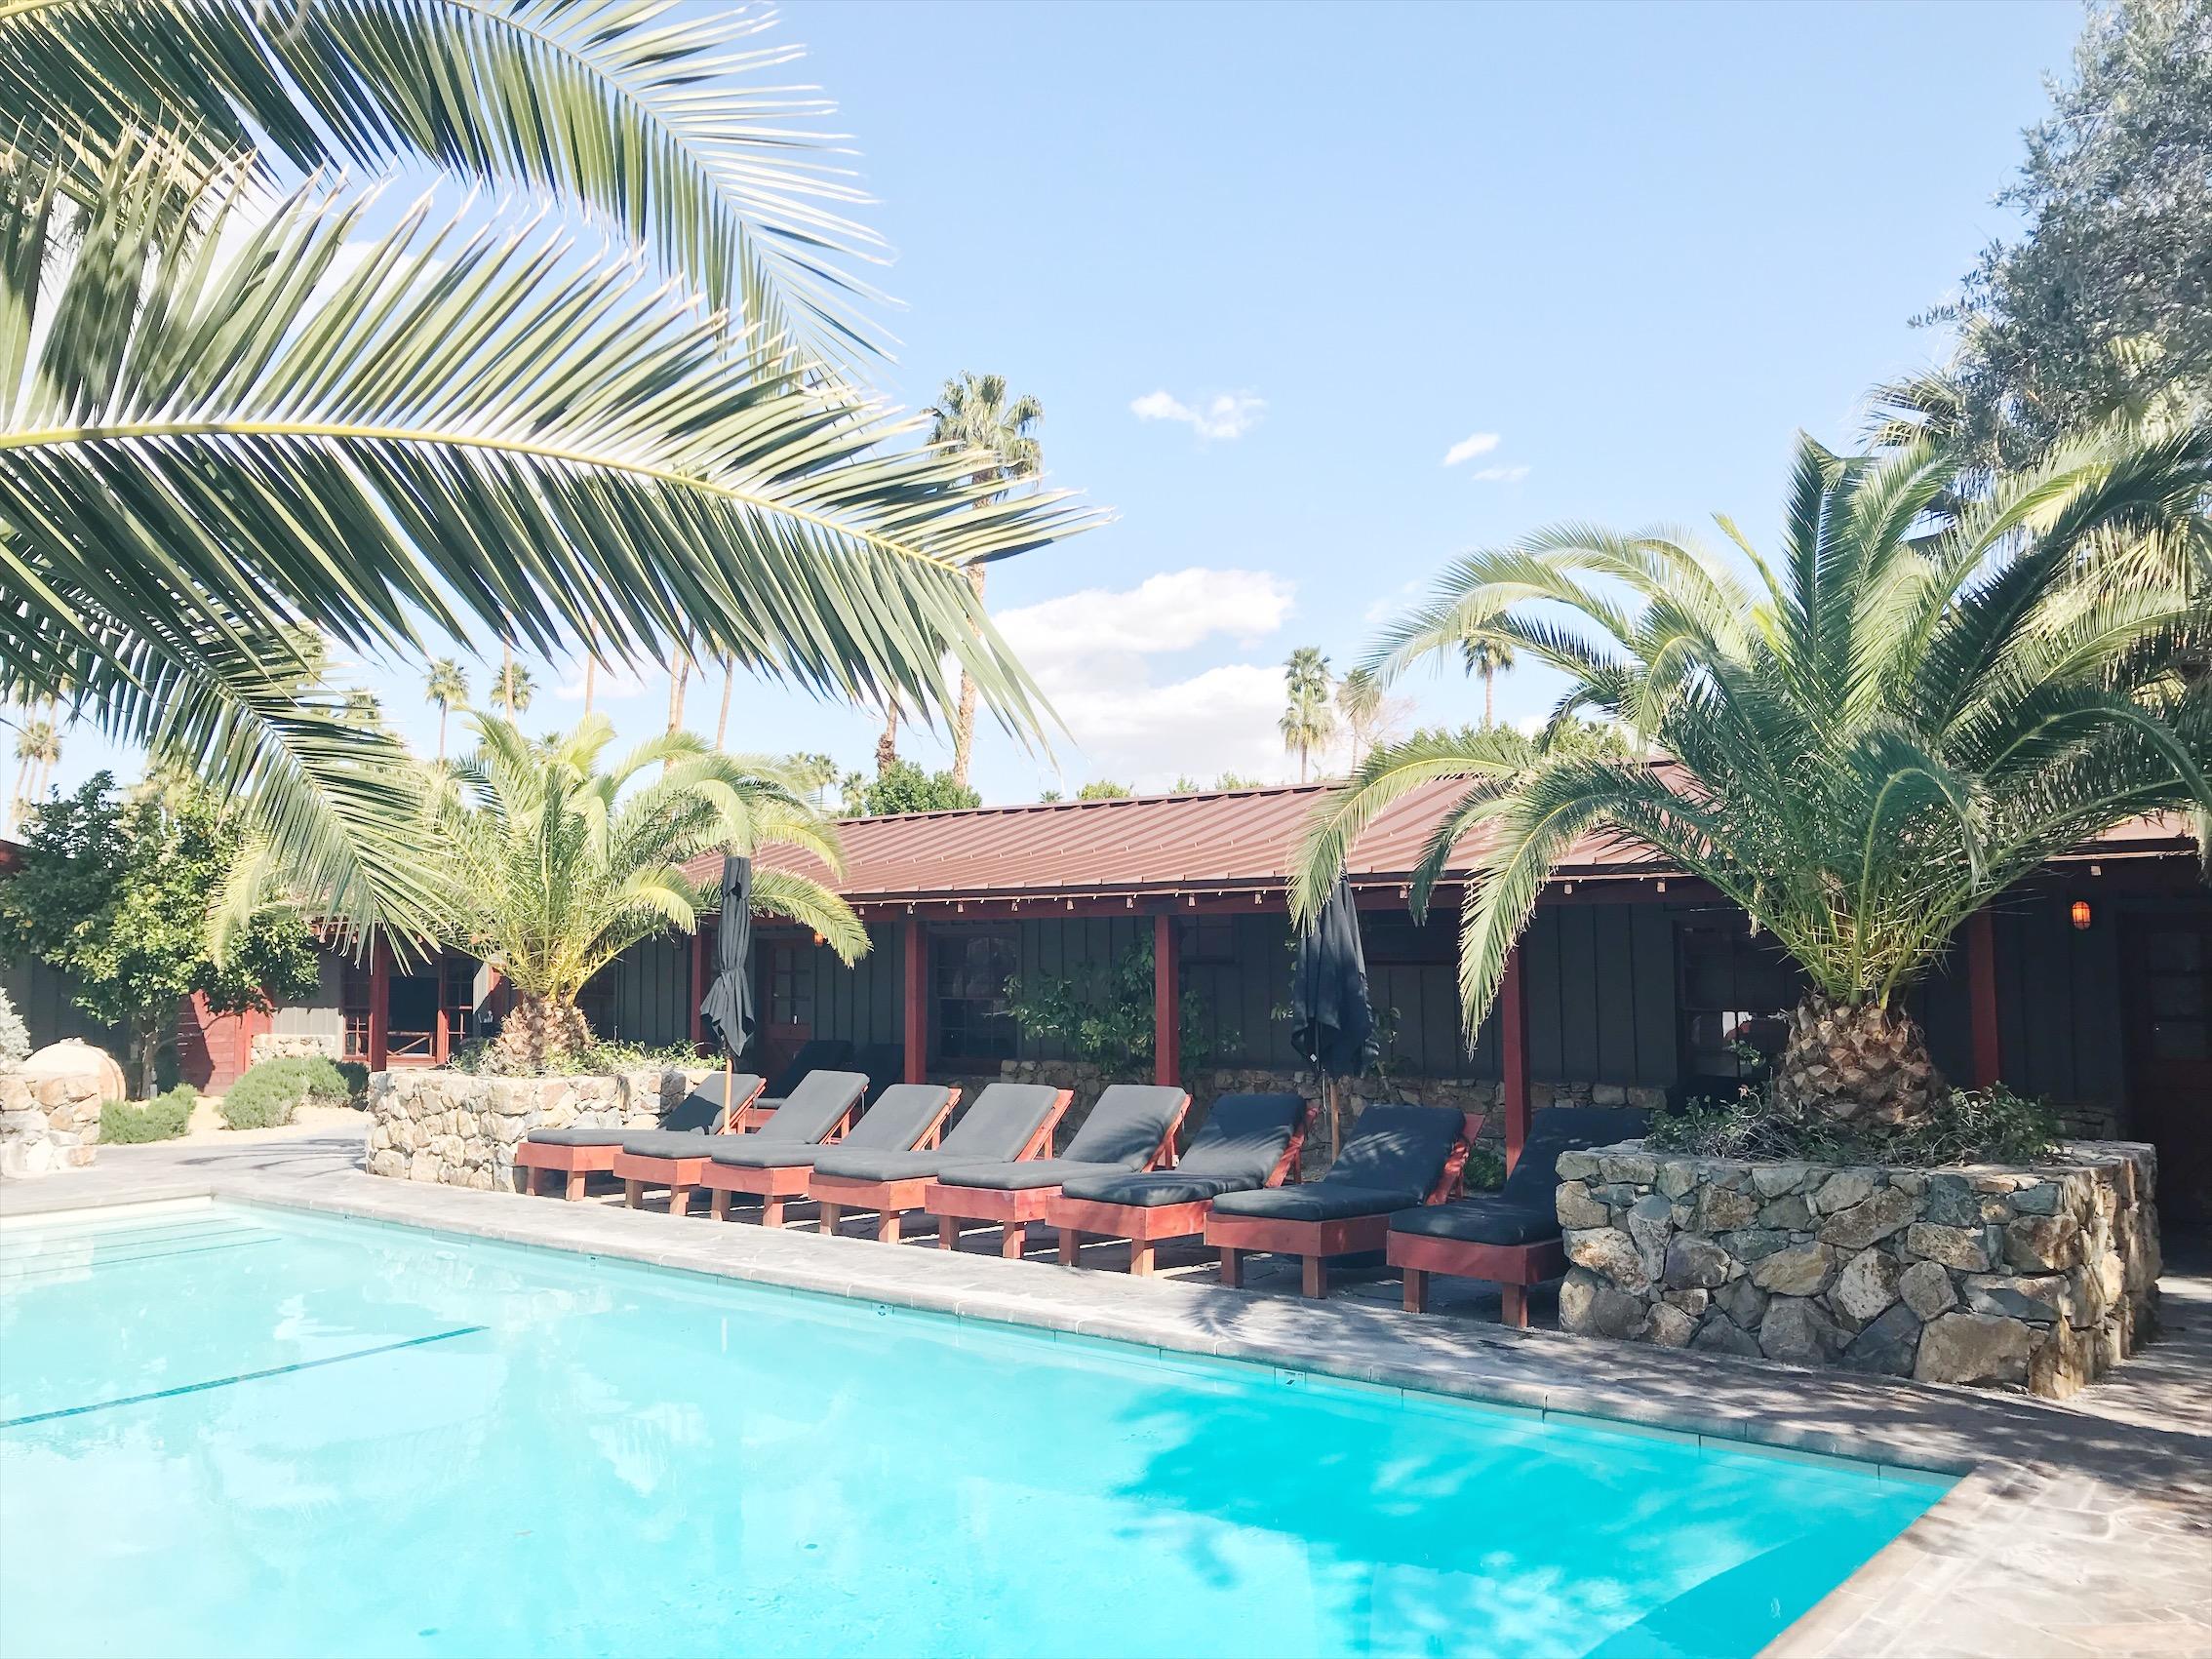 Getaway Sparrows Lodge Palm Springs